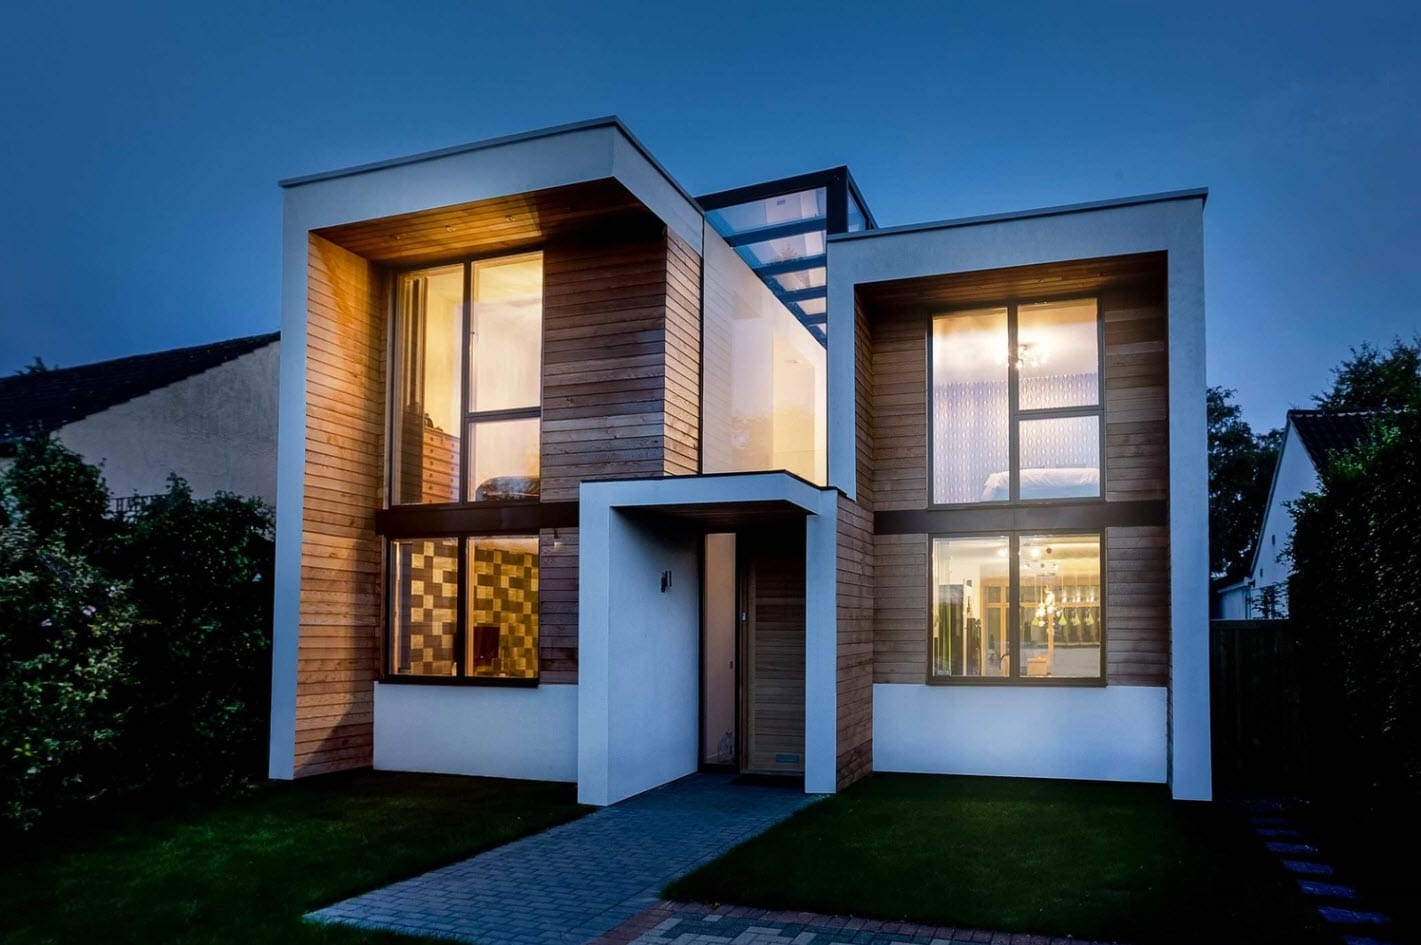 dise o casa moderna de dos pisos